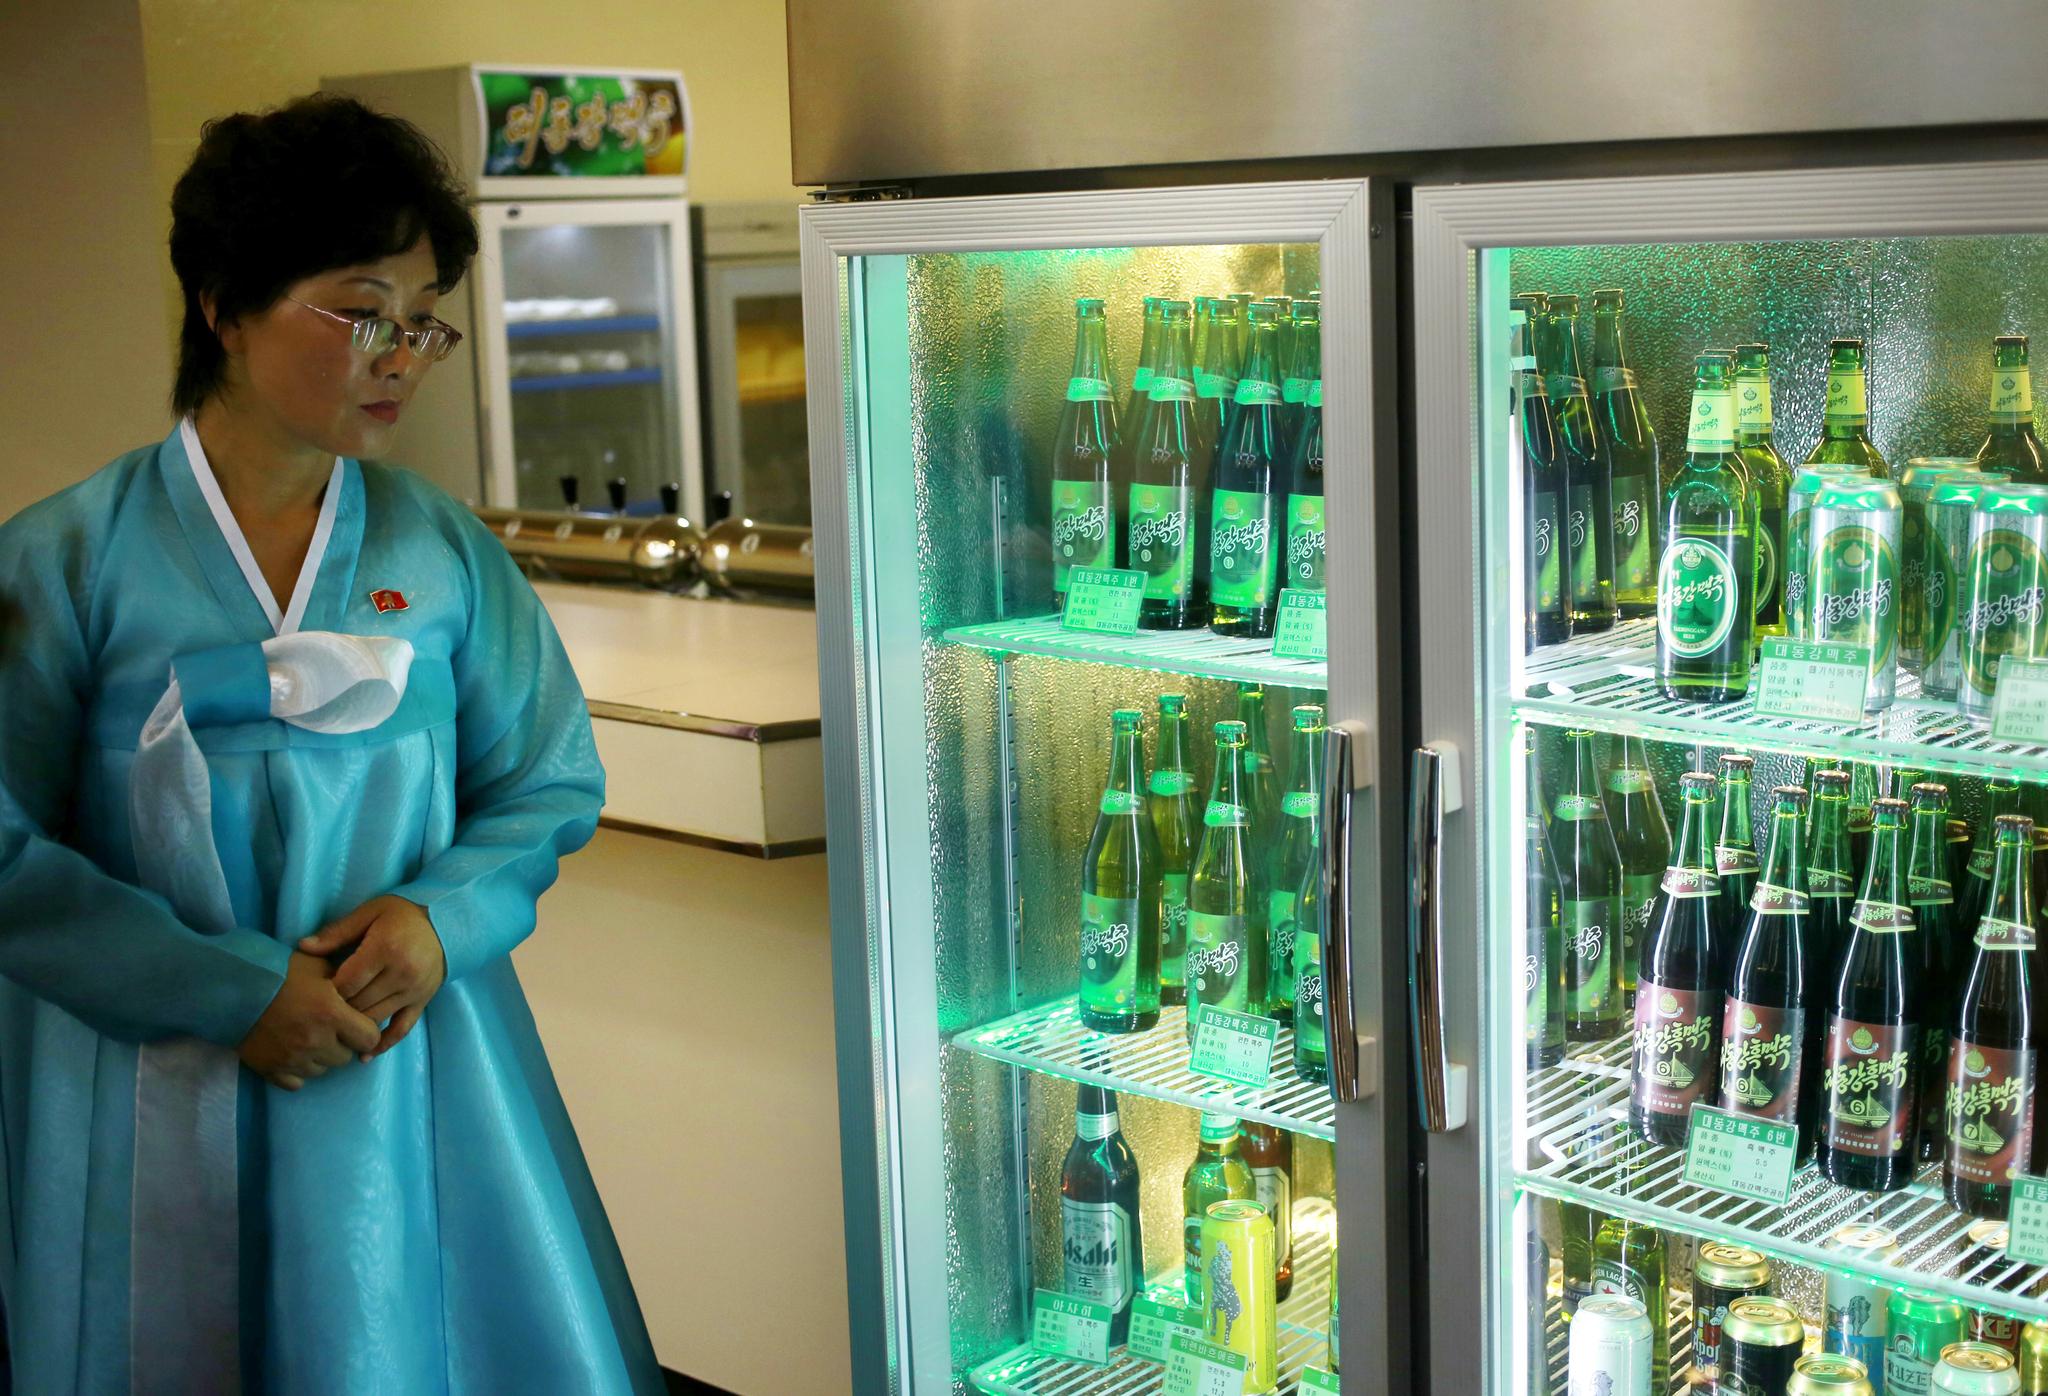 23일 북한 평양 대동강 맥주 생산 공장 냉장고에 원료에 따라 7가지 제품으로 제조된 대동강 맥주가 놓여있다. 대동강 맥주는 룡성맥주와 함께 북한을 대표하는 맥주로 전 이코노미스트지 기자 다니엘 튜더는 지난 2012년 기사를 통해 '한국 맥주가 대동강맥주보다 맛없다'고 이야기한 바 있다. [AP=연합뉴스]